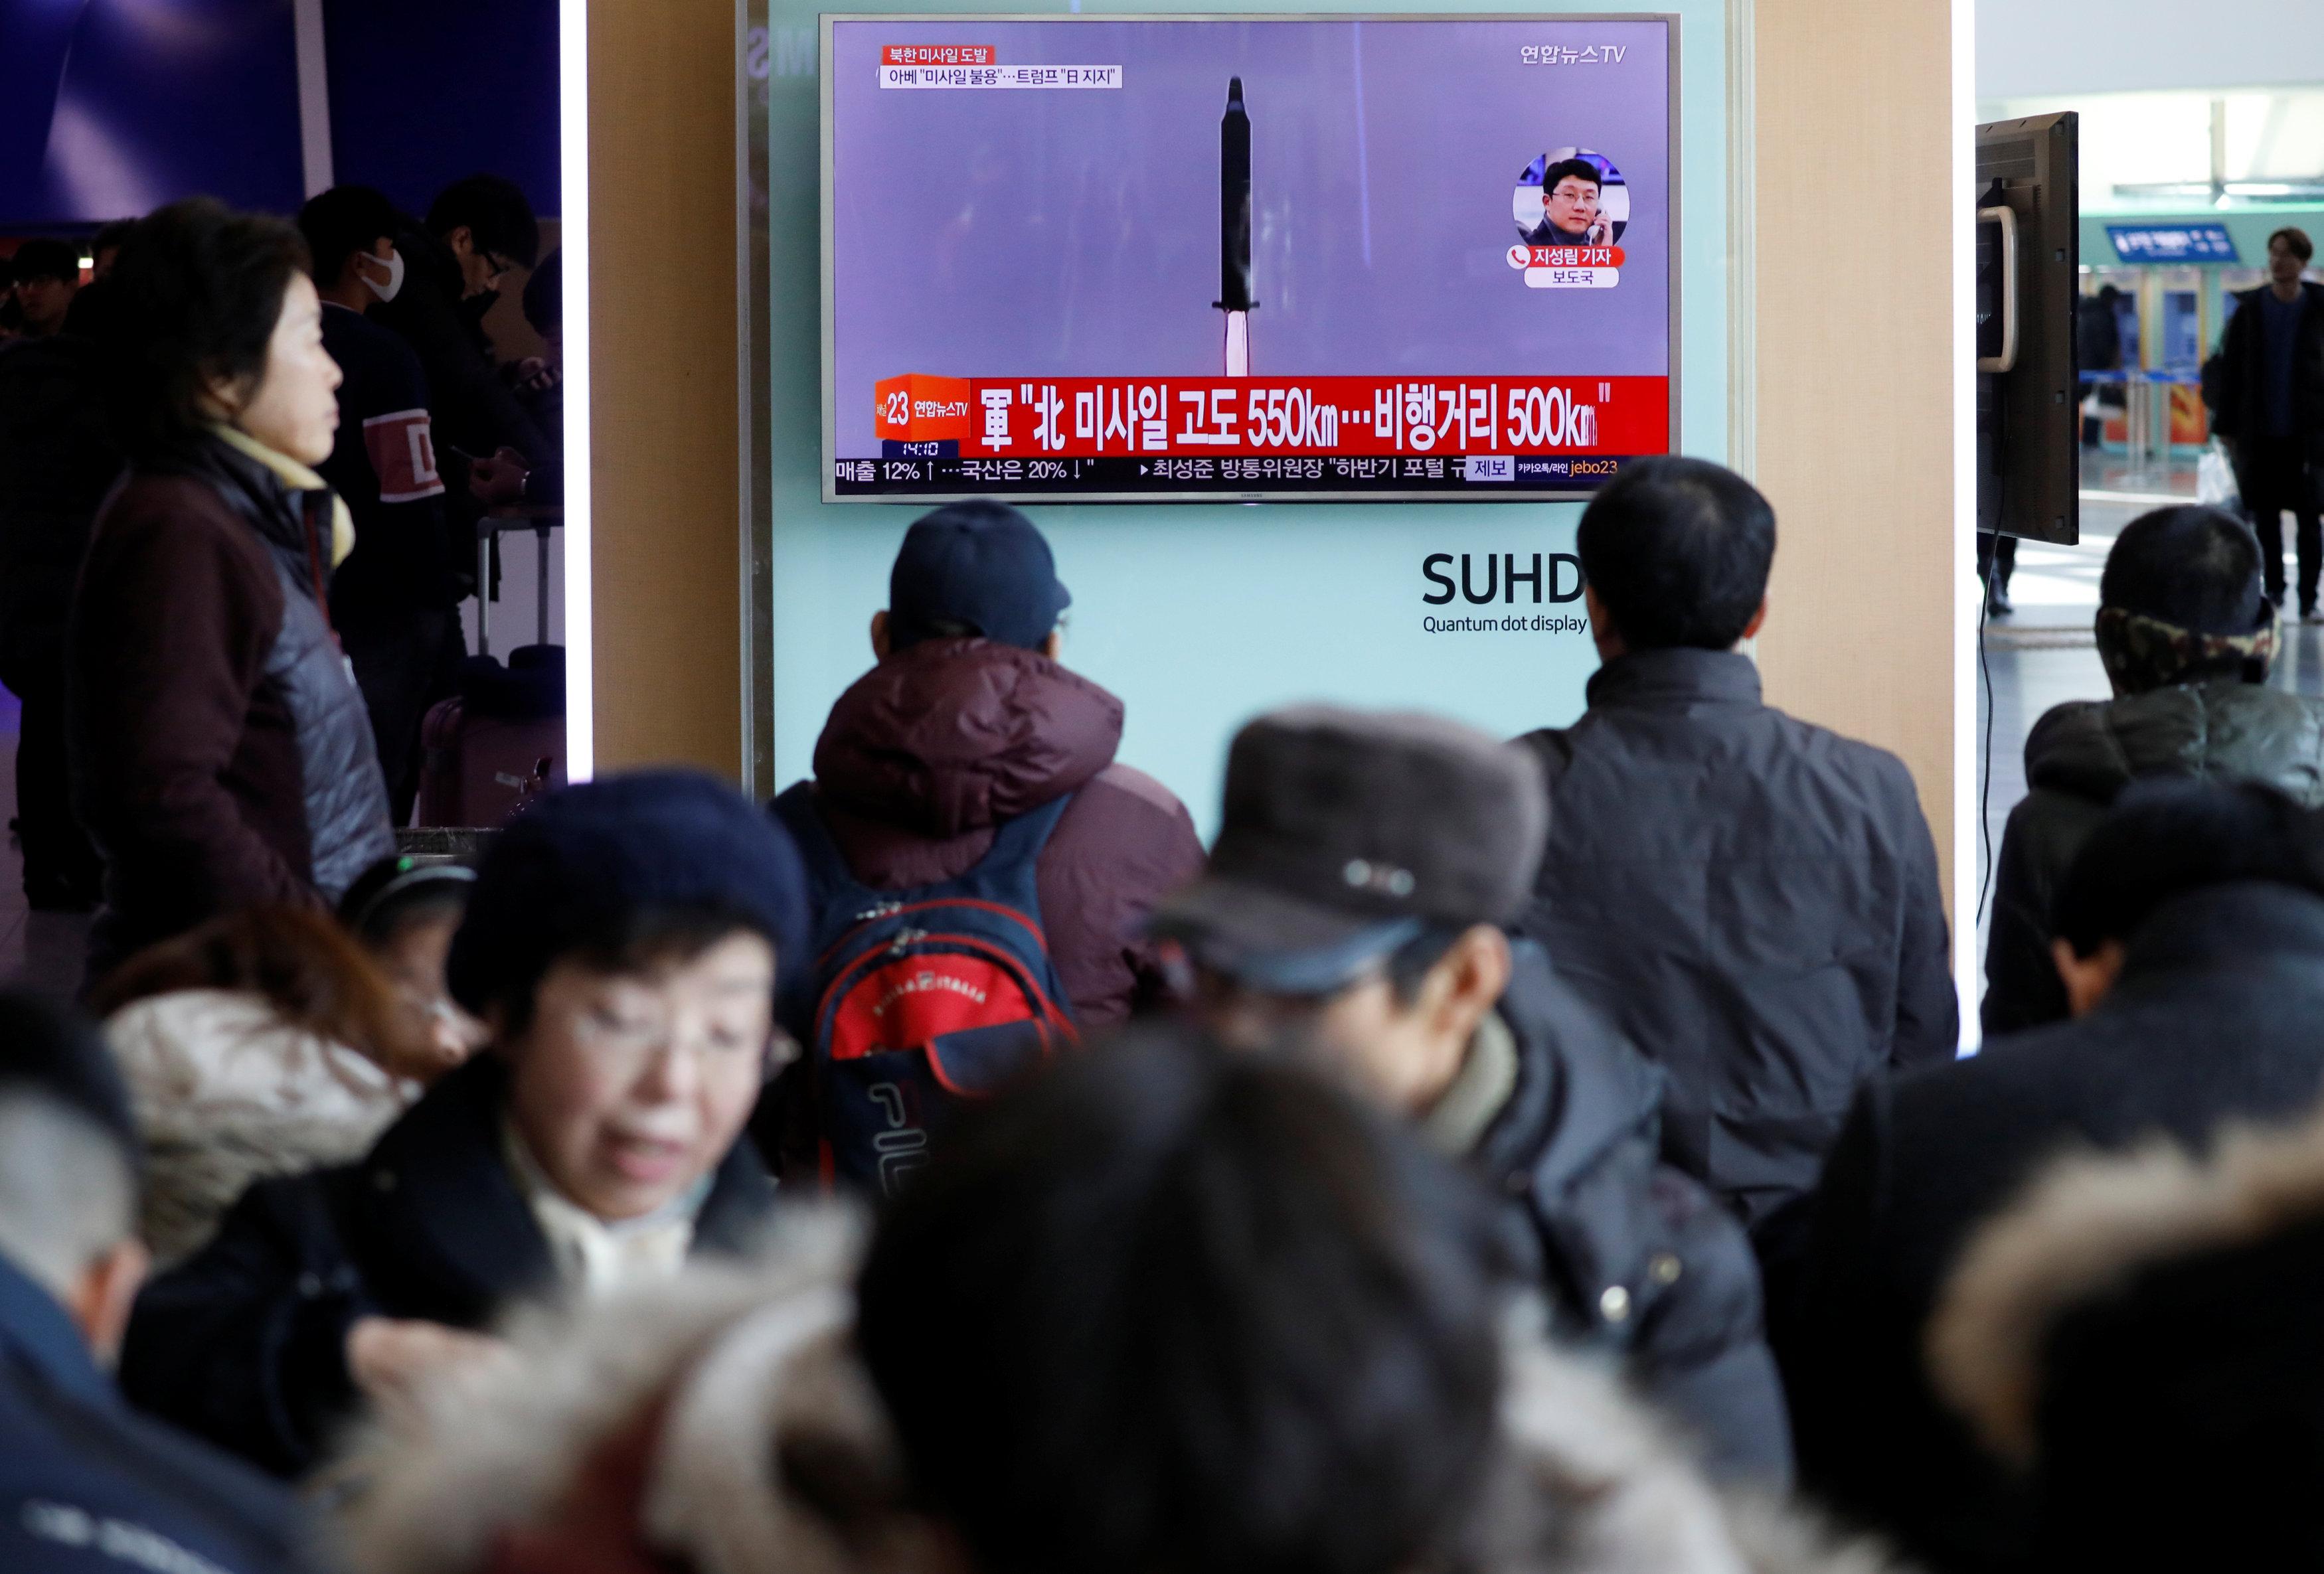 КНДР сообщила обиспытании баллистической ракеты